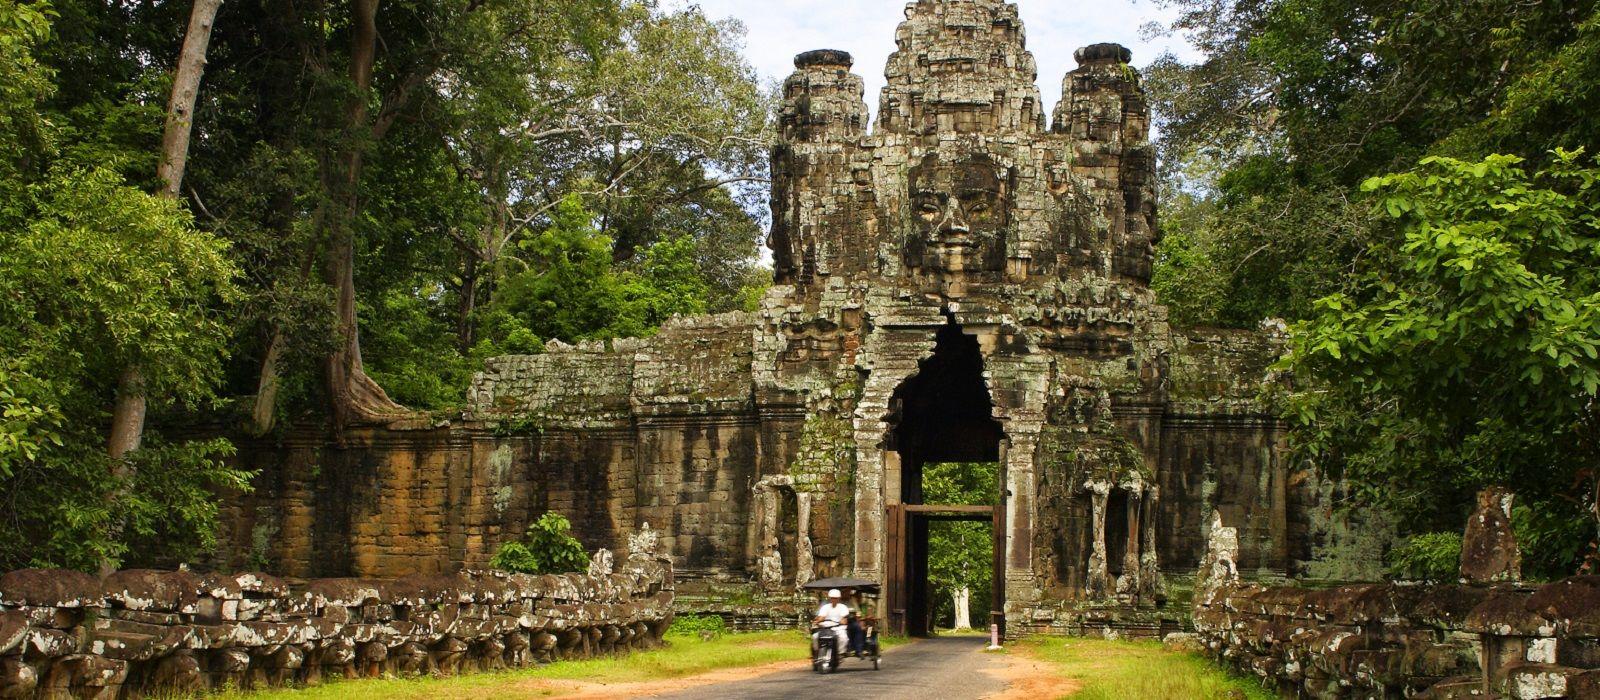 Kambodscha Kulturreise – Tempel, Geschichte und Strände Urlaub 2